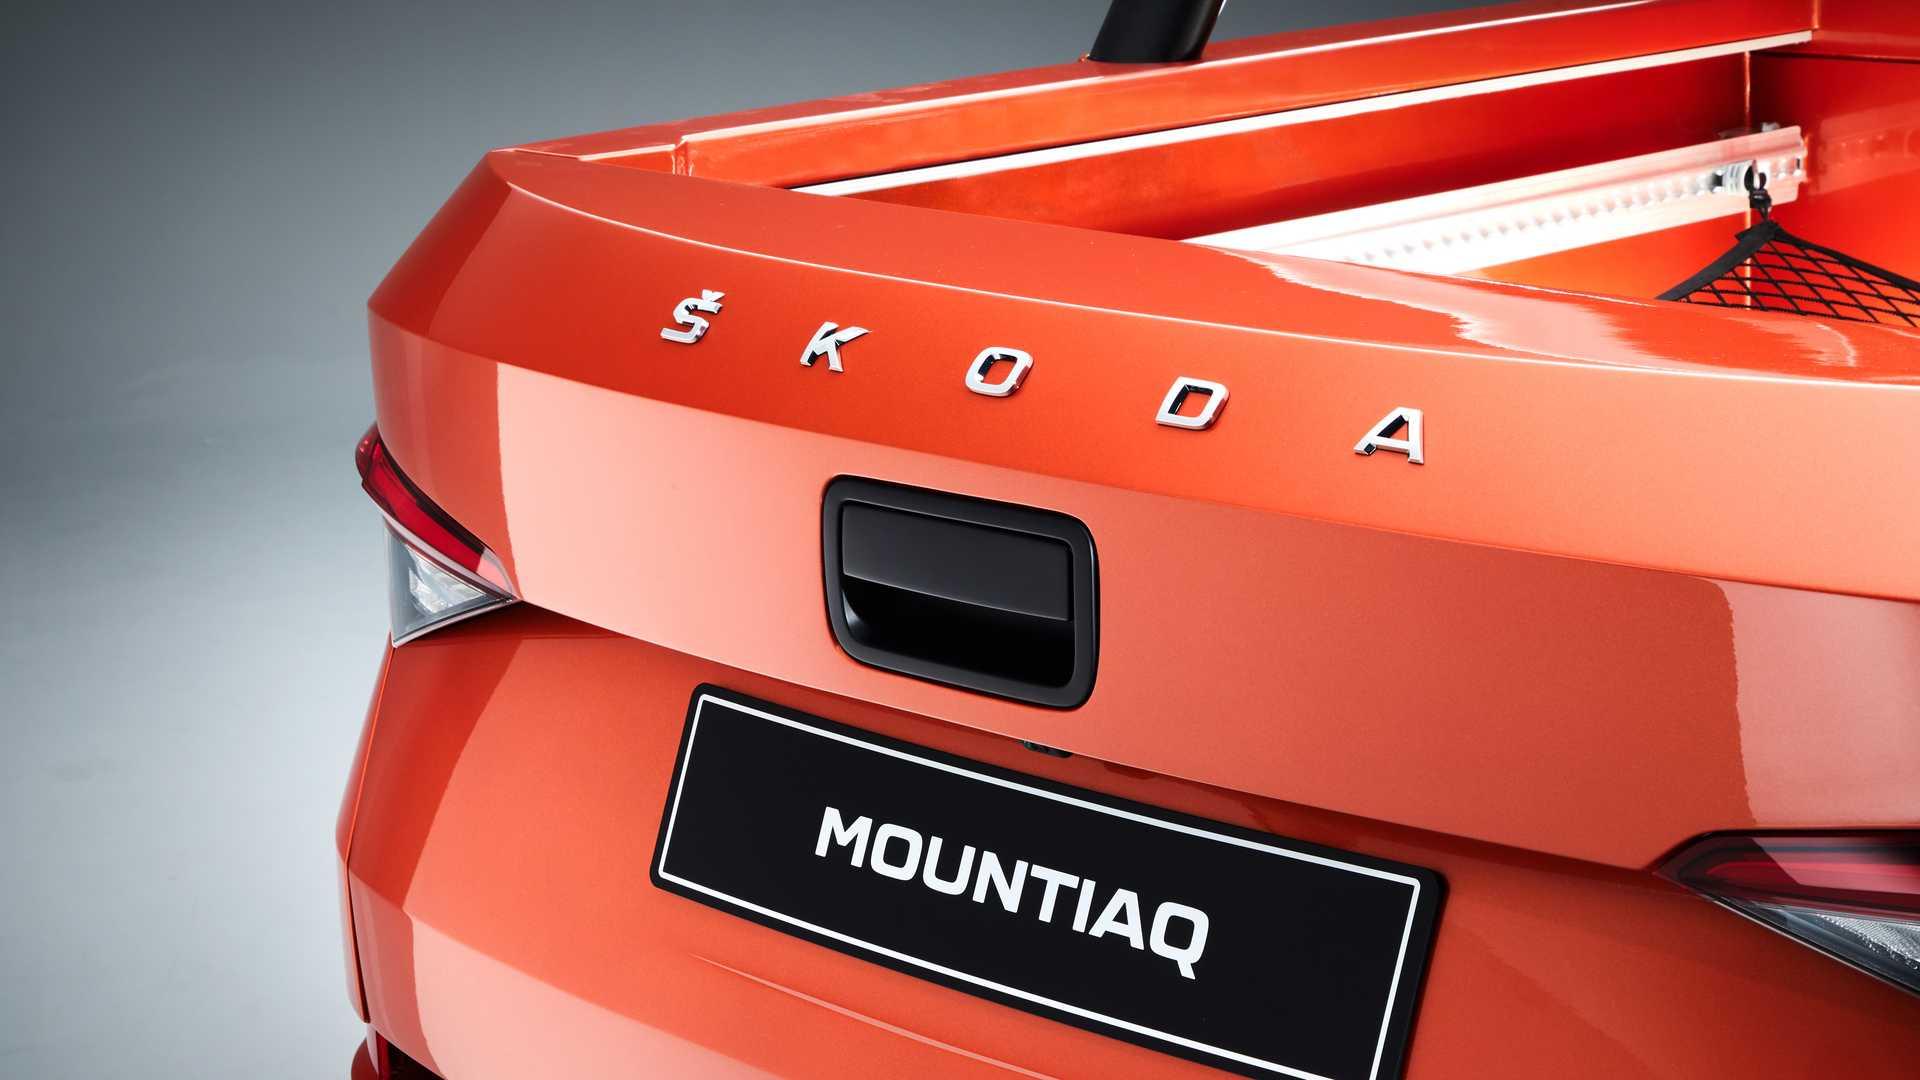 skoda-mountiaq-concept-8